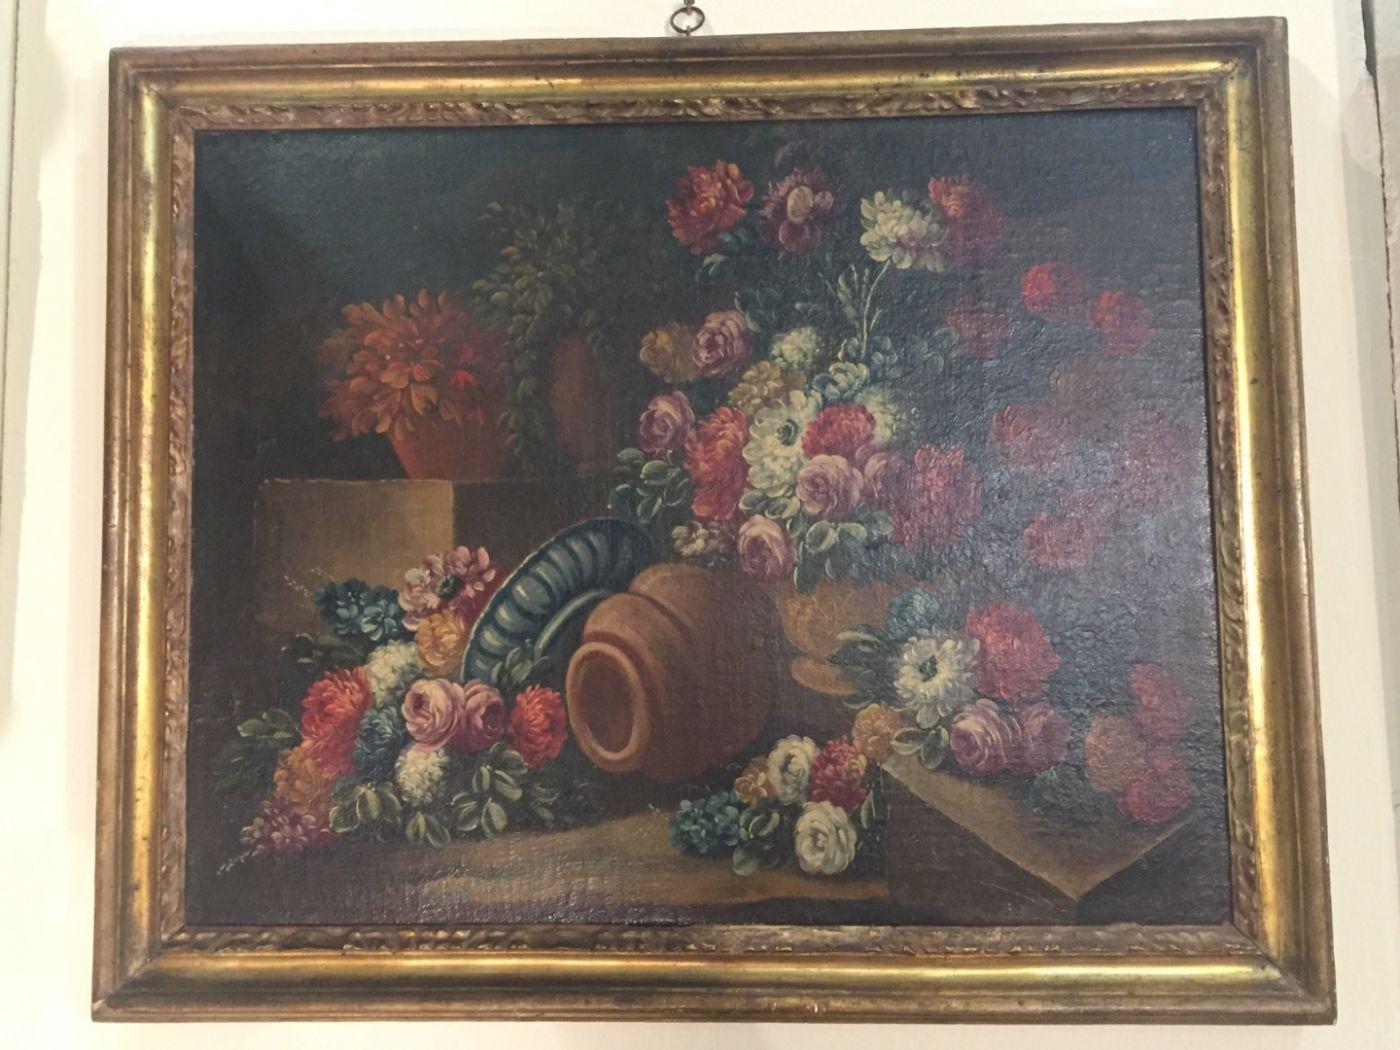 Stillleben des achtzehnten Jahrhunderts. , Öl auf Leinwand mit ...